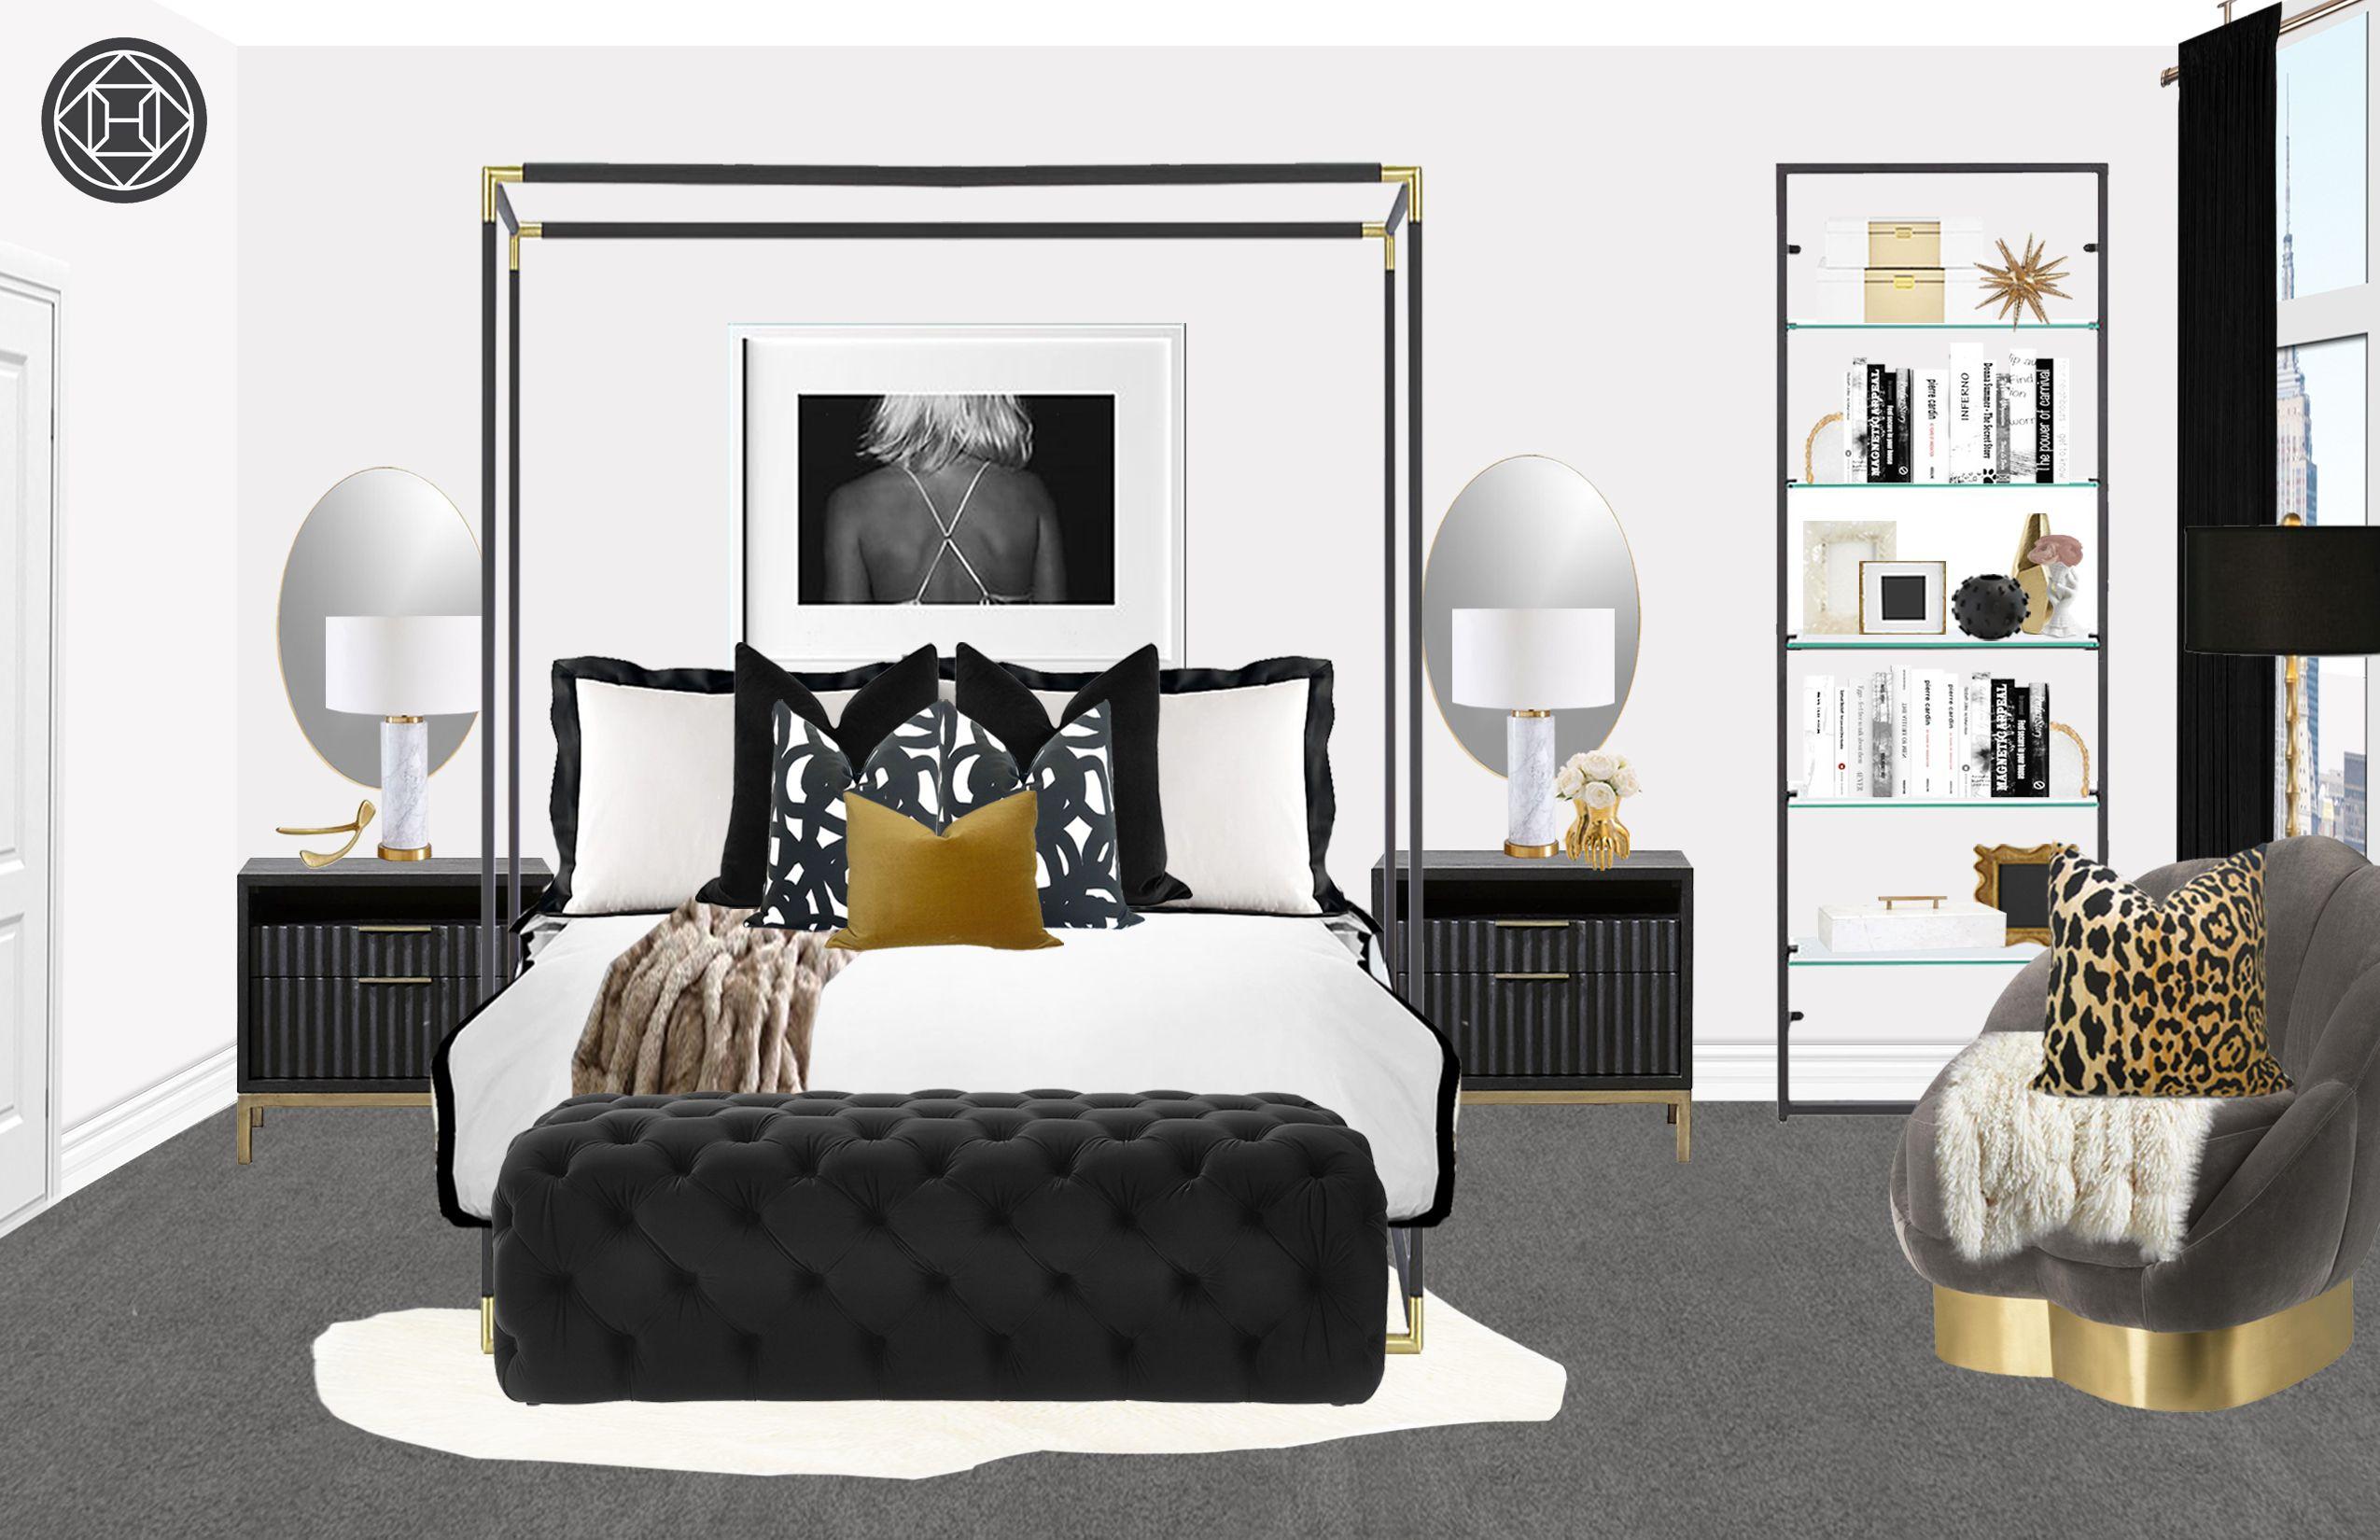 New Design Your Own Bedroom Online Home Design Software Design